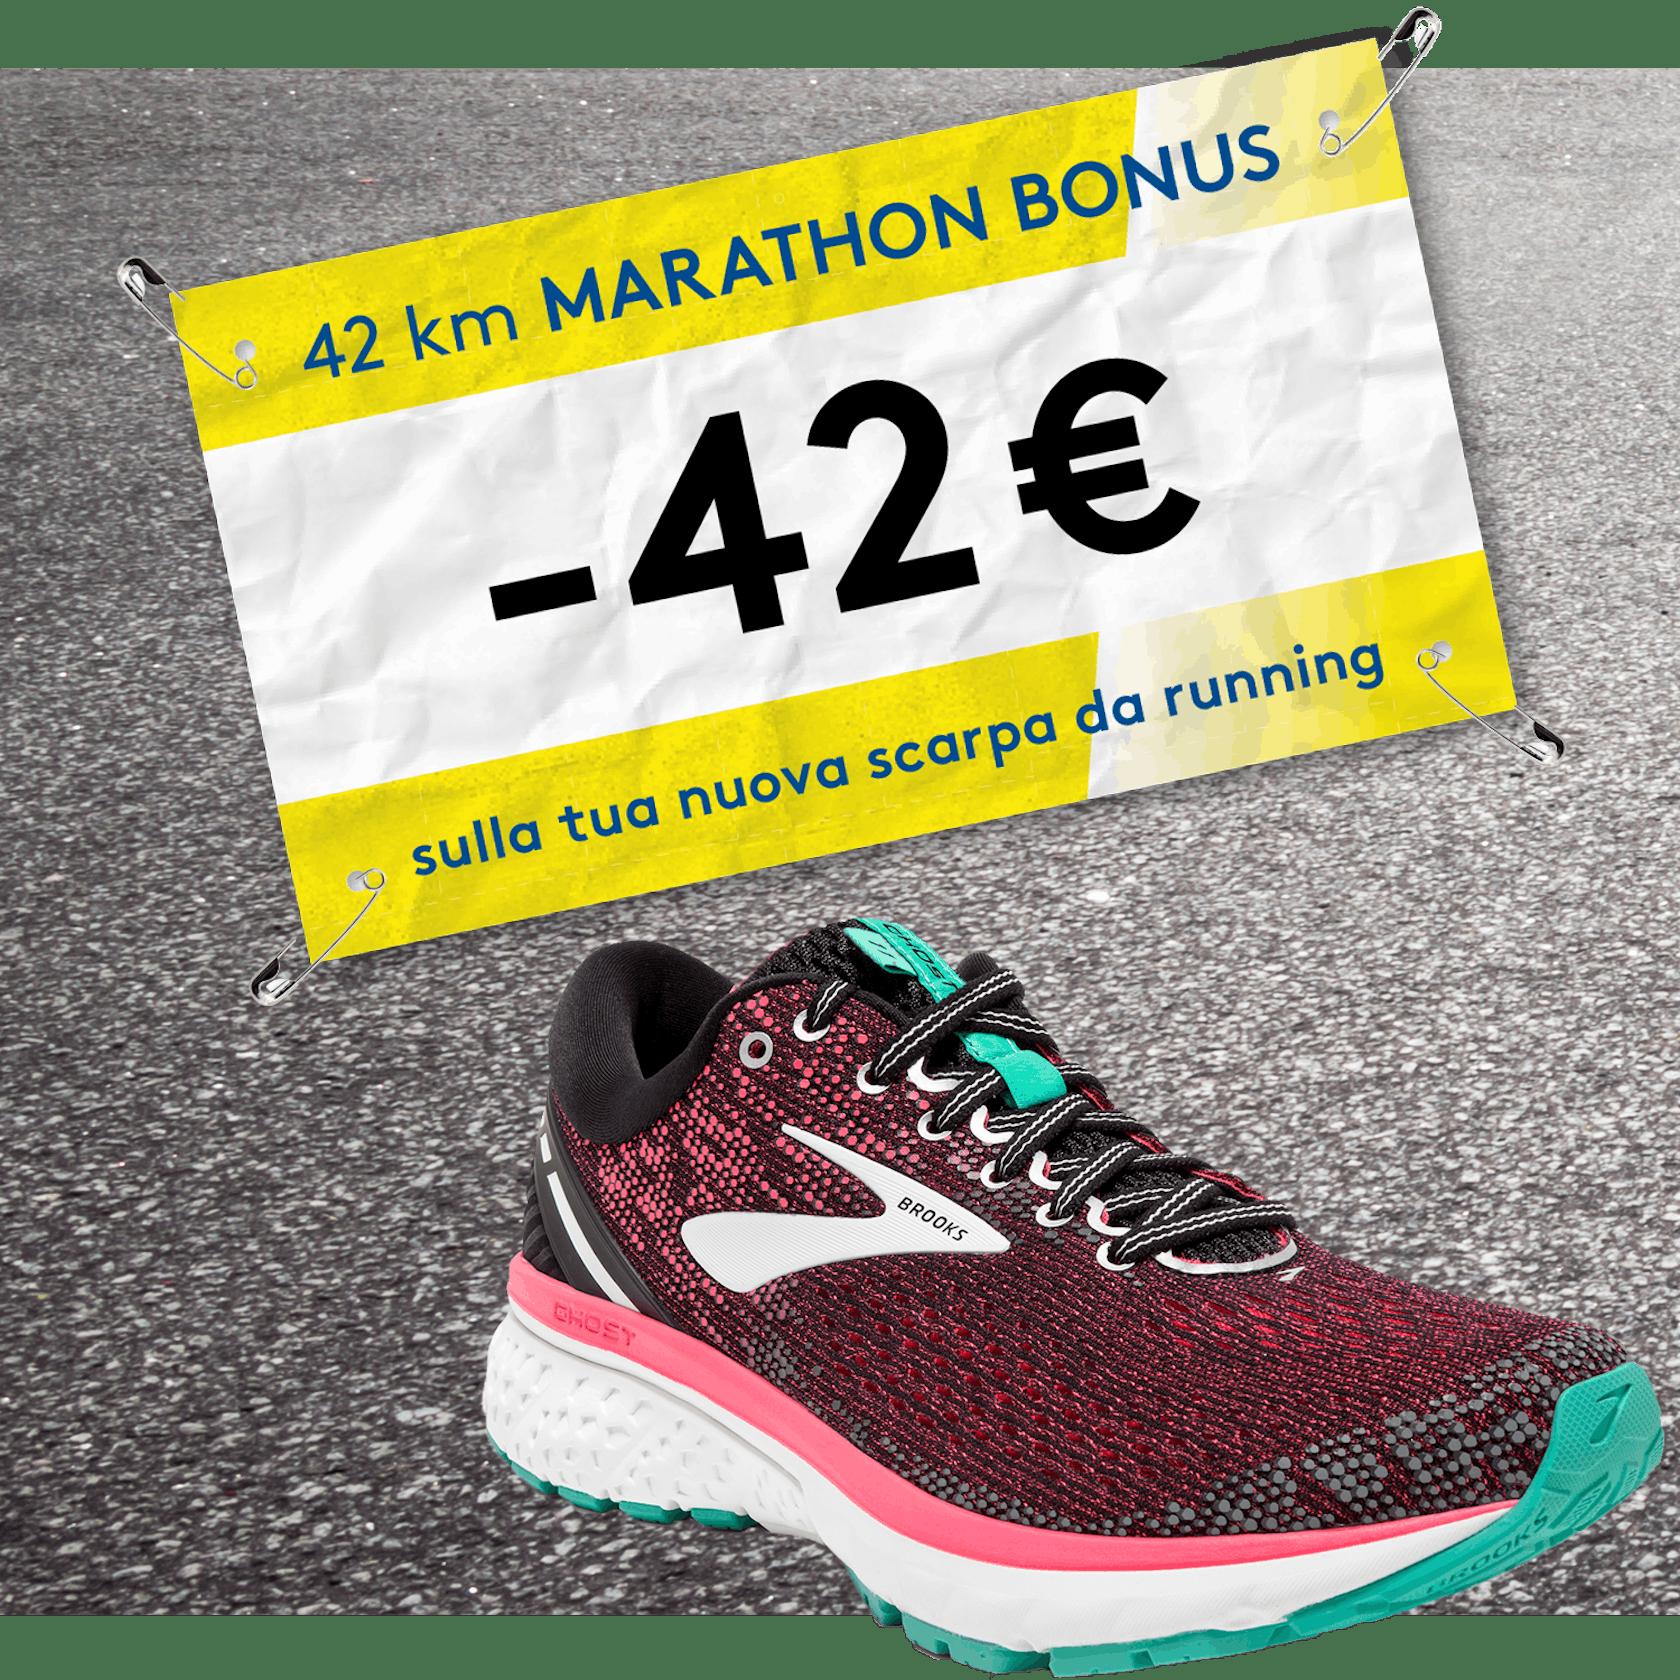 Running Marathon Bonus -42 Euro Brooks, On, Asics, Nike